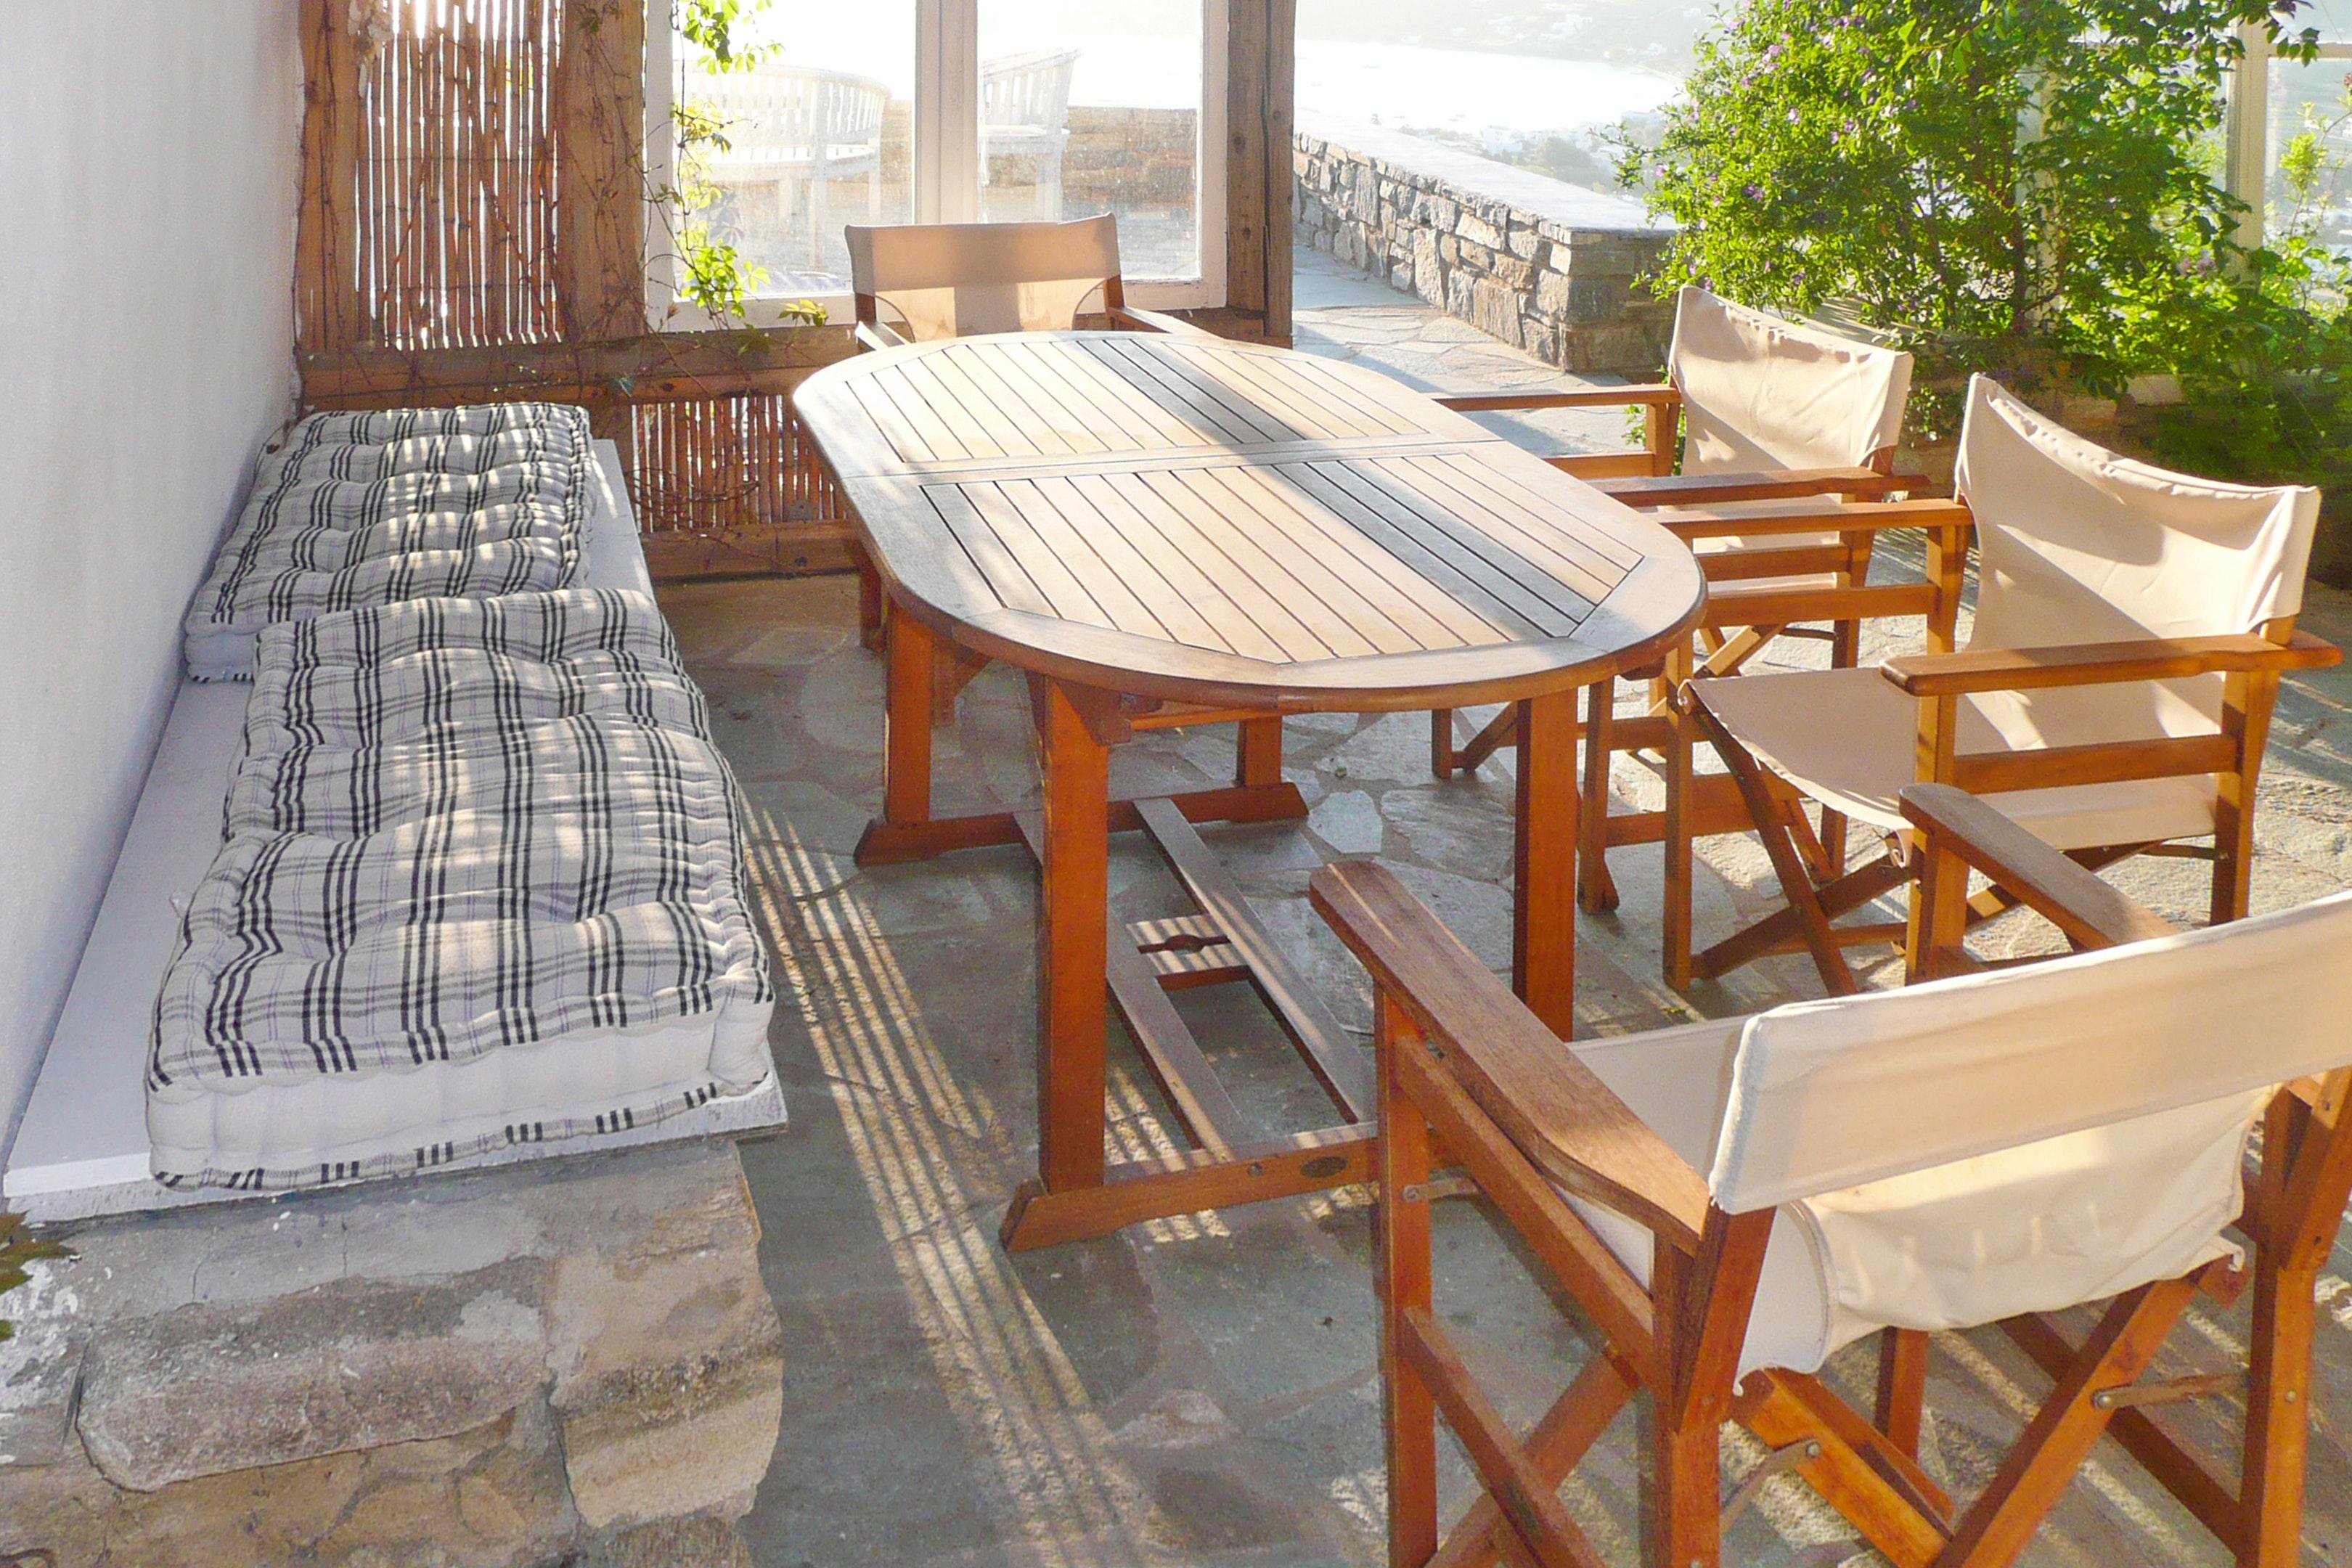 Holiday house Villa mit 3 Schlafzimmern in Paros mit herrlichem Meerblick, Pool und W-LAN - 1 km vom Str (2201537), Paros, Paros, Cyclades, Greece, picture 10